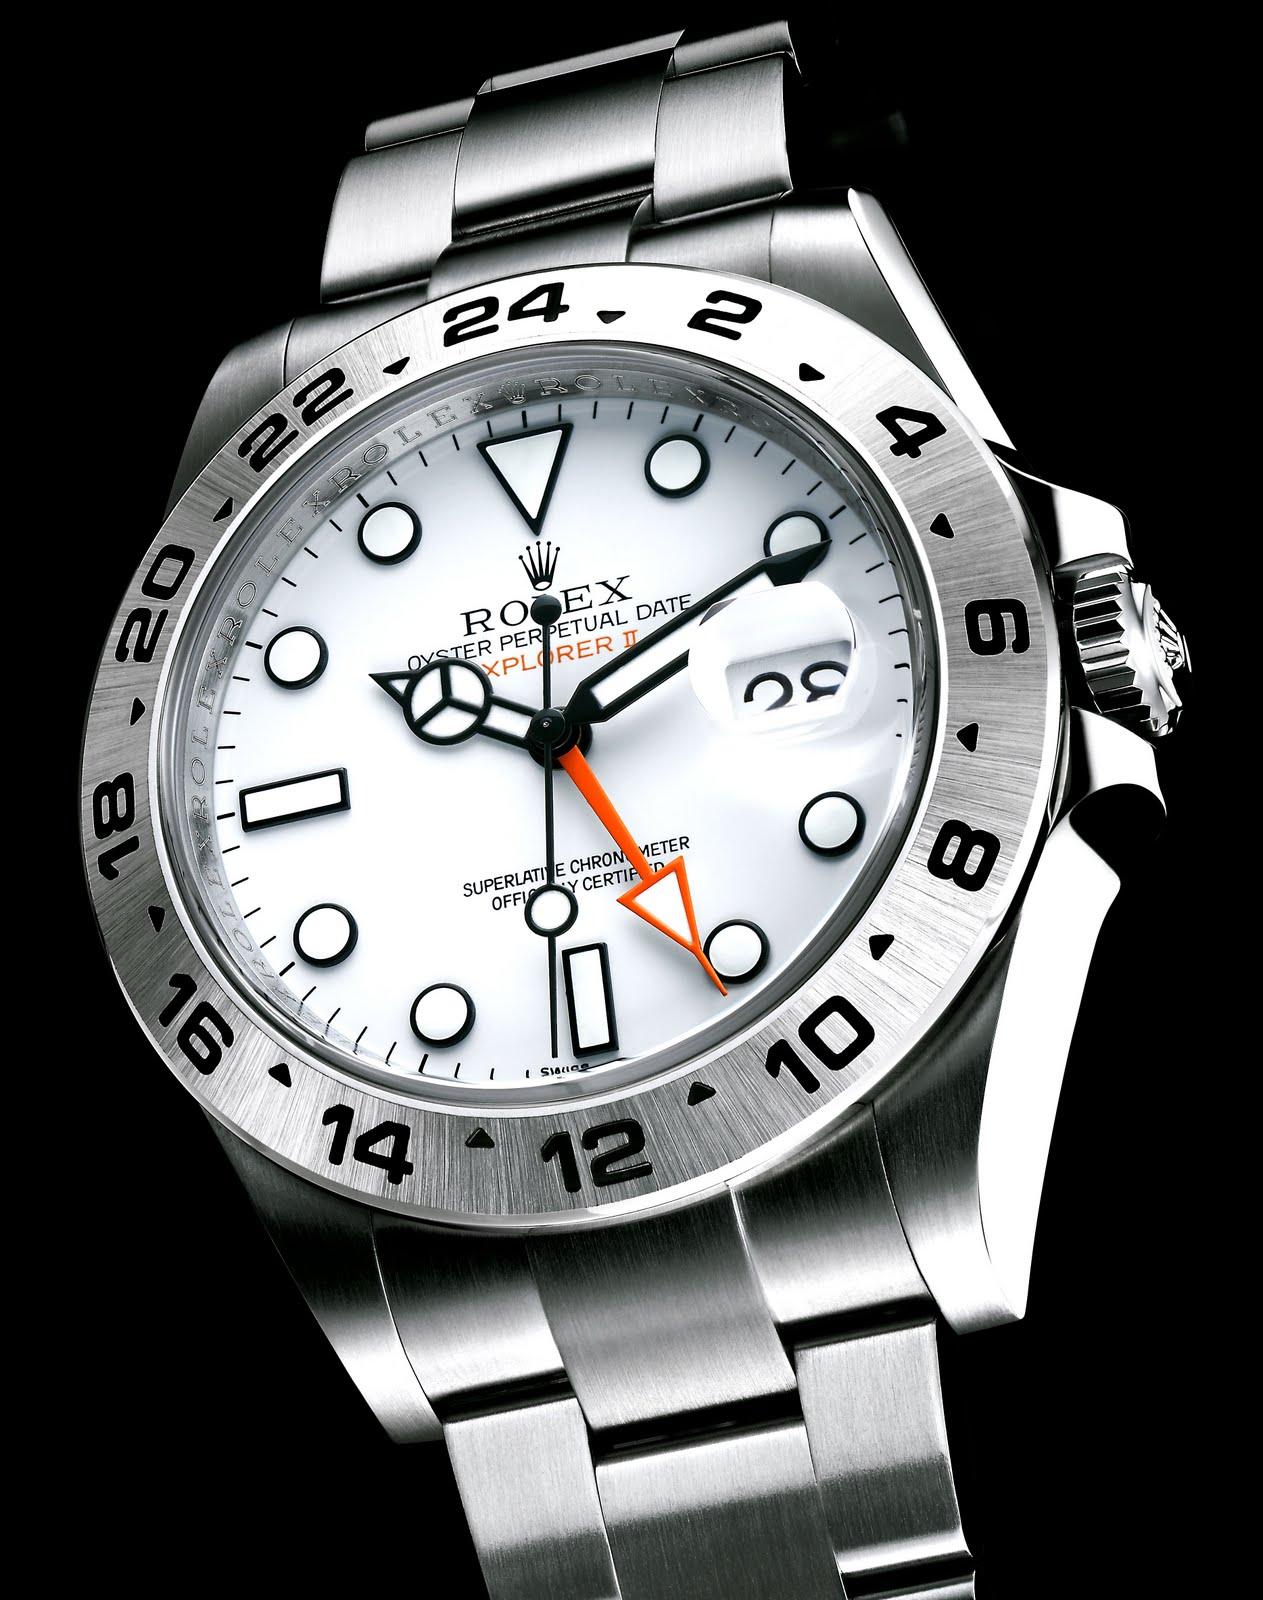 http://1.bp.blogspot.com/-gcMJ4e6LwLs/TYozVxgNBRI/AAAAAAAAJn8/qPe2fjH3BsM/s1600/2011-Rolex-Explorer-II-Orange-Hand-Under.jpg